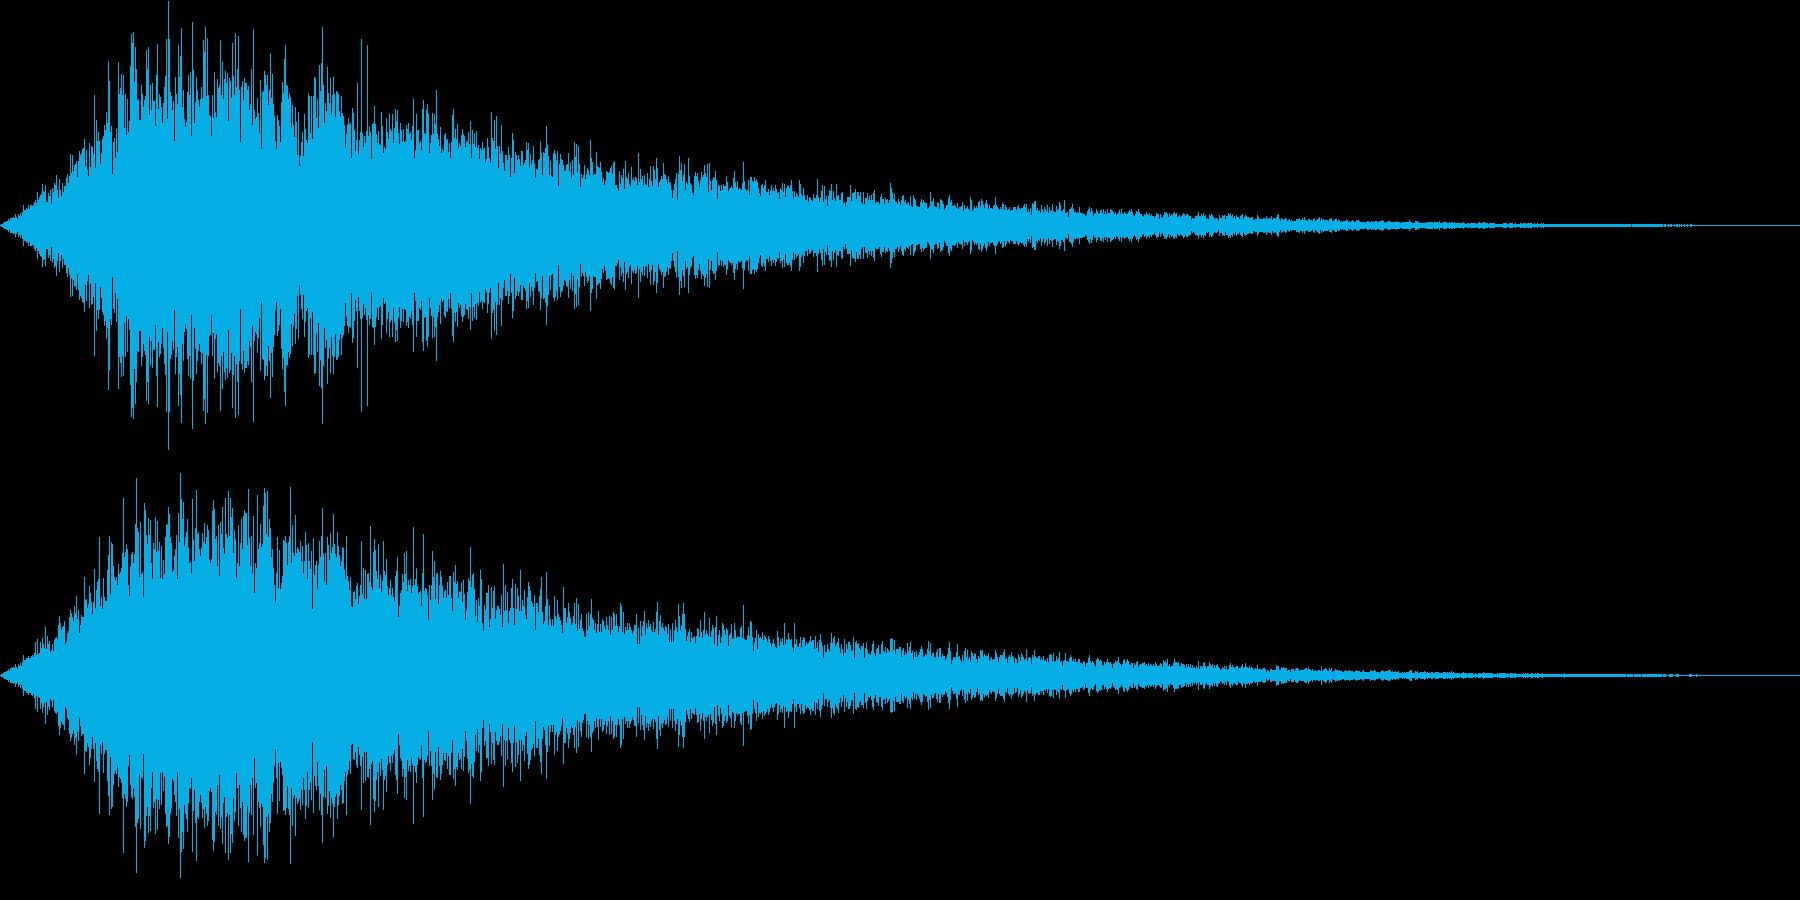 シャキーン_シンセで作ったイメージ音の再生済みの波形